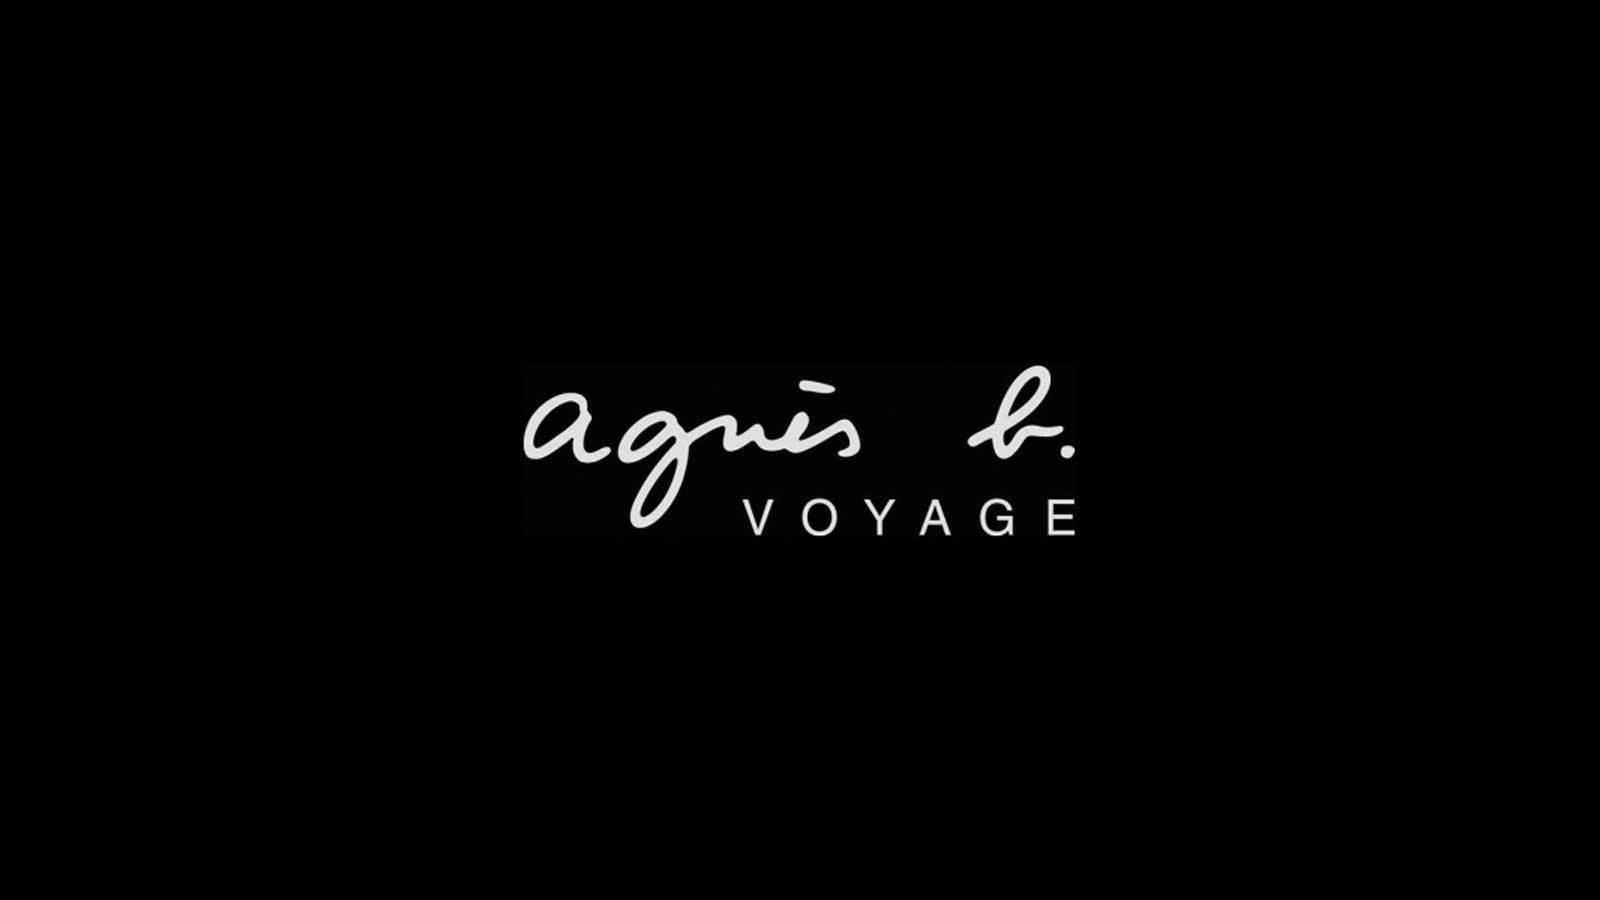 【agnes b. VOYAGE】大丸東京のカバー写真